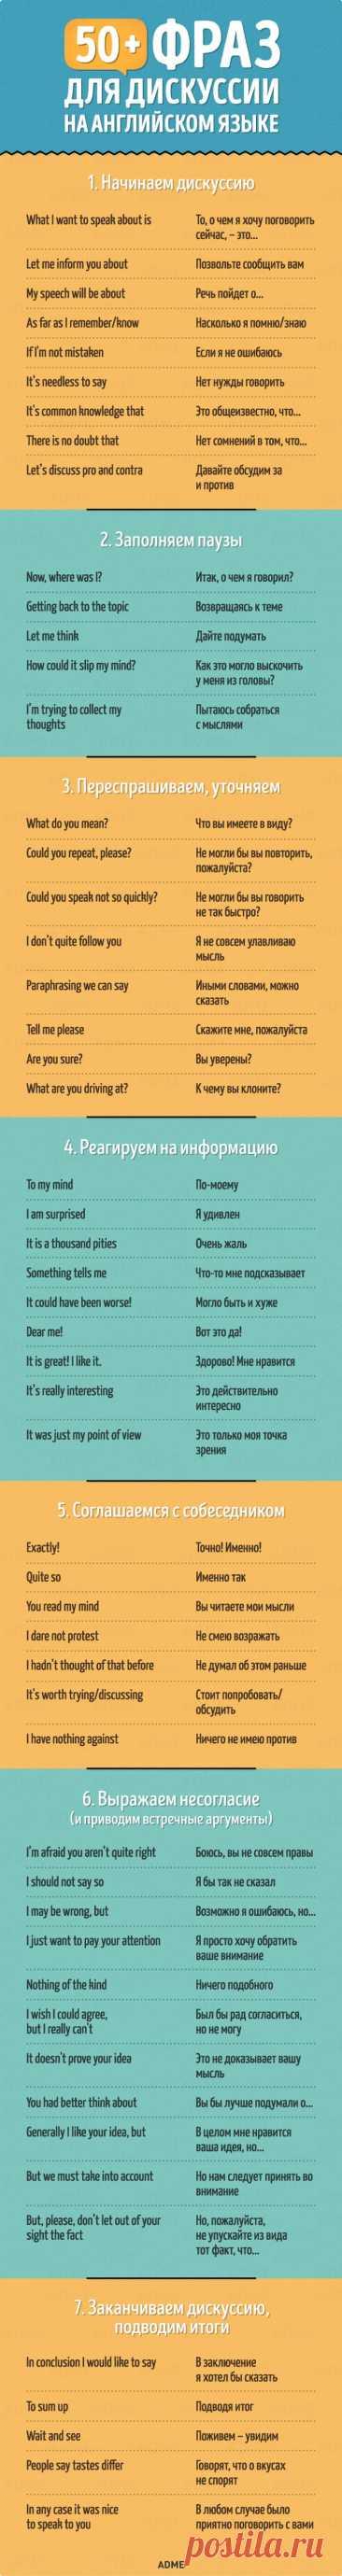 50 + de las frases inglesas, que ayudarán es brillante darse a conocer en la comunicación